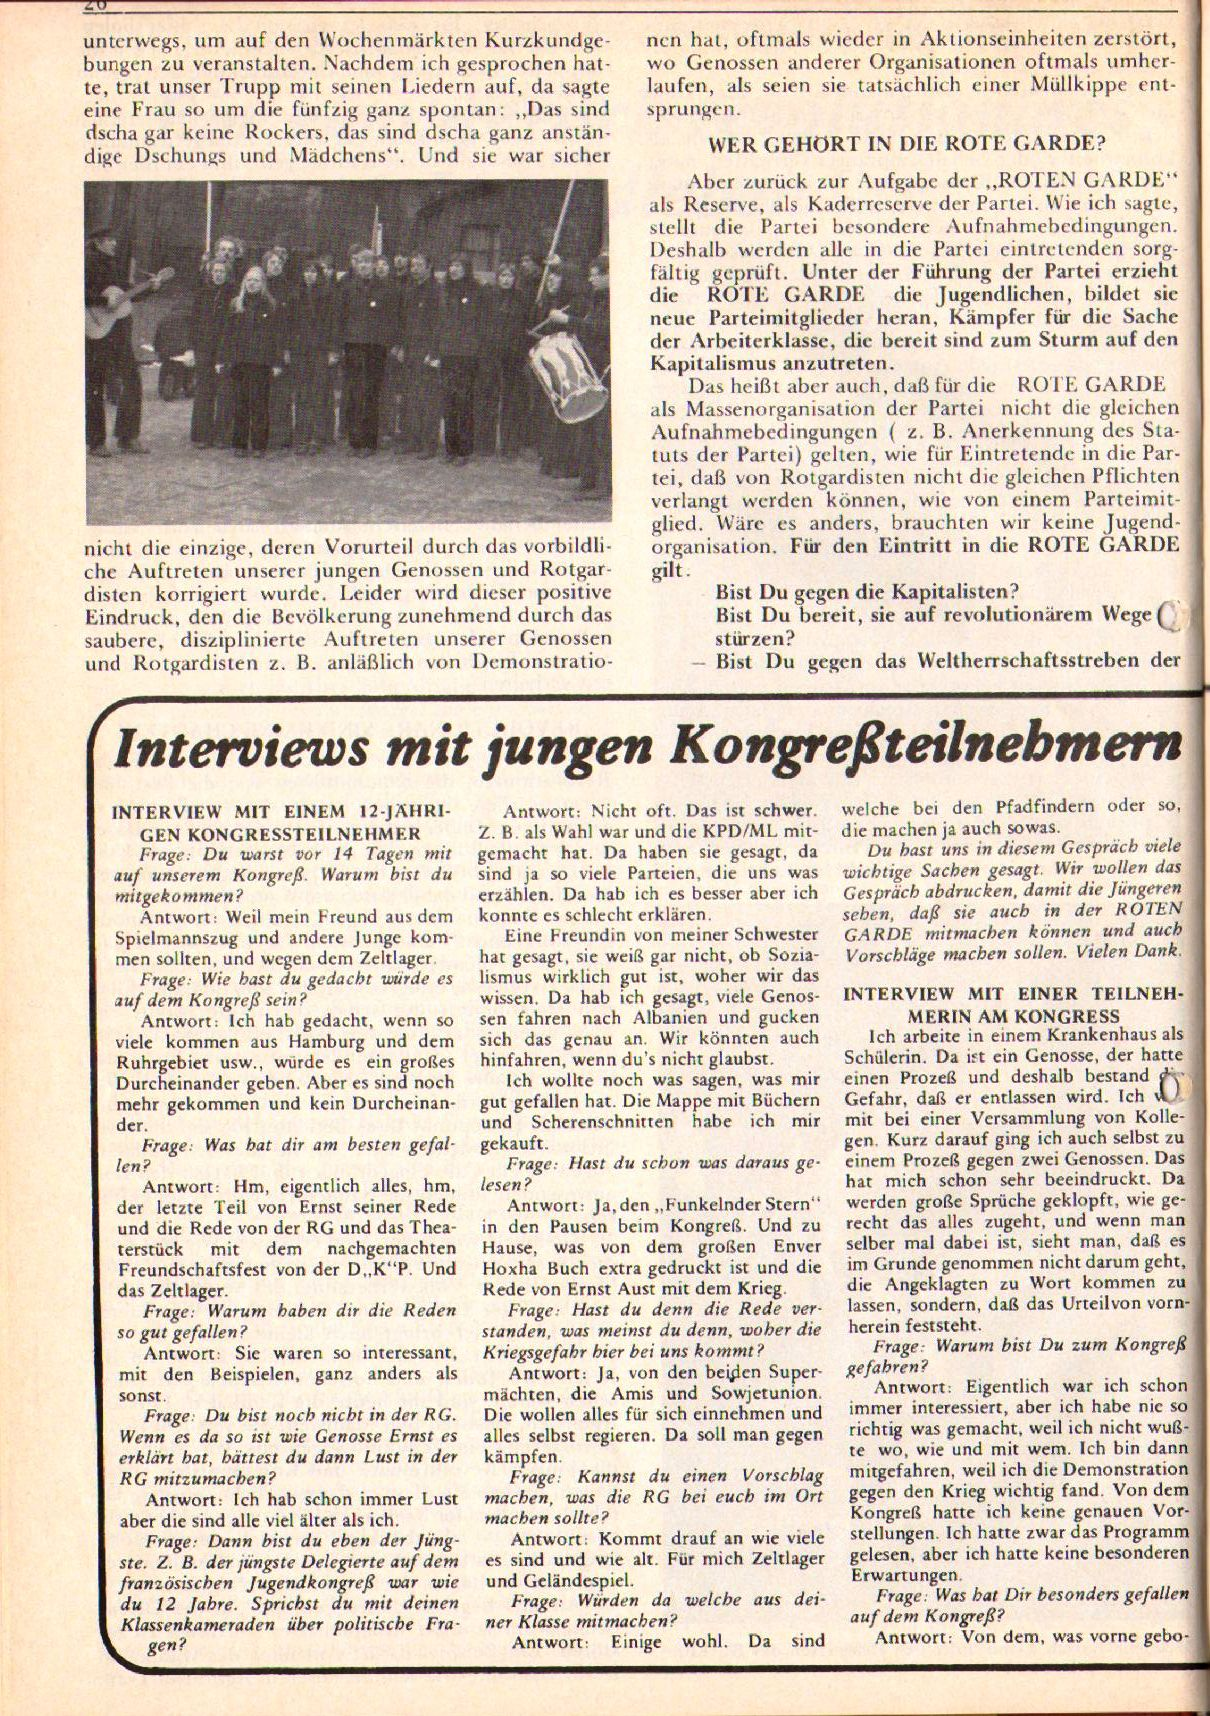 RGZ_1975_06_Sondernummer_26